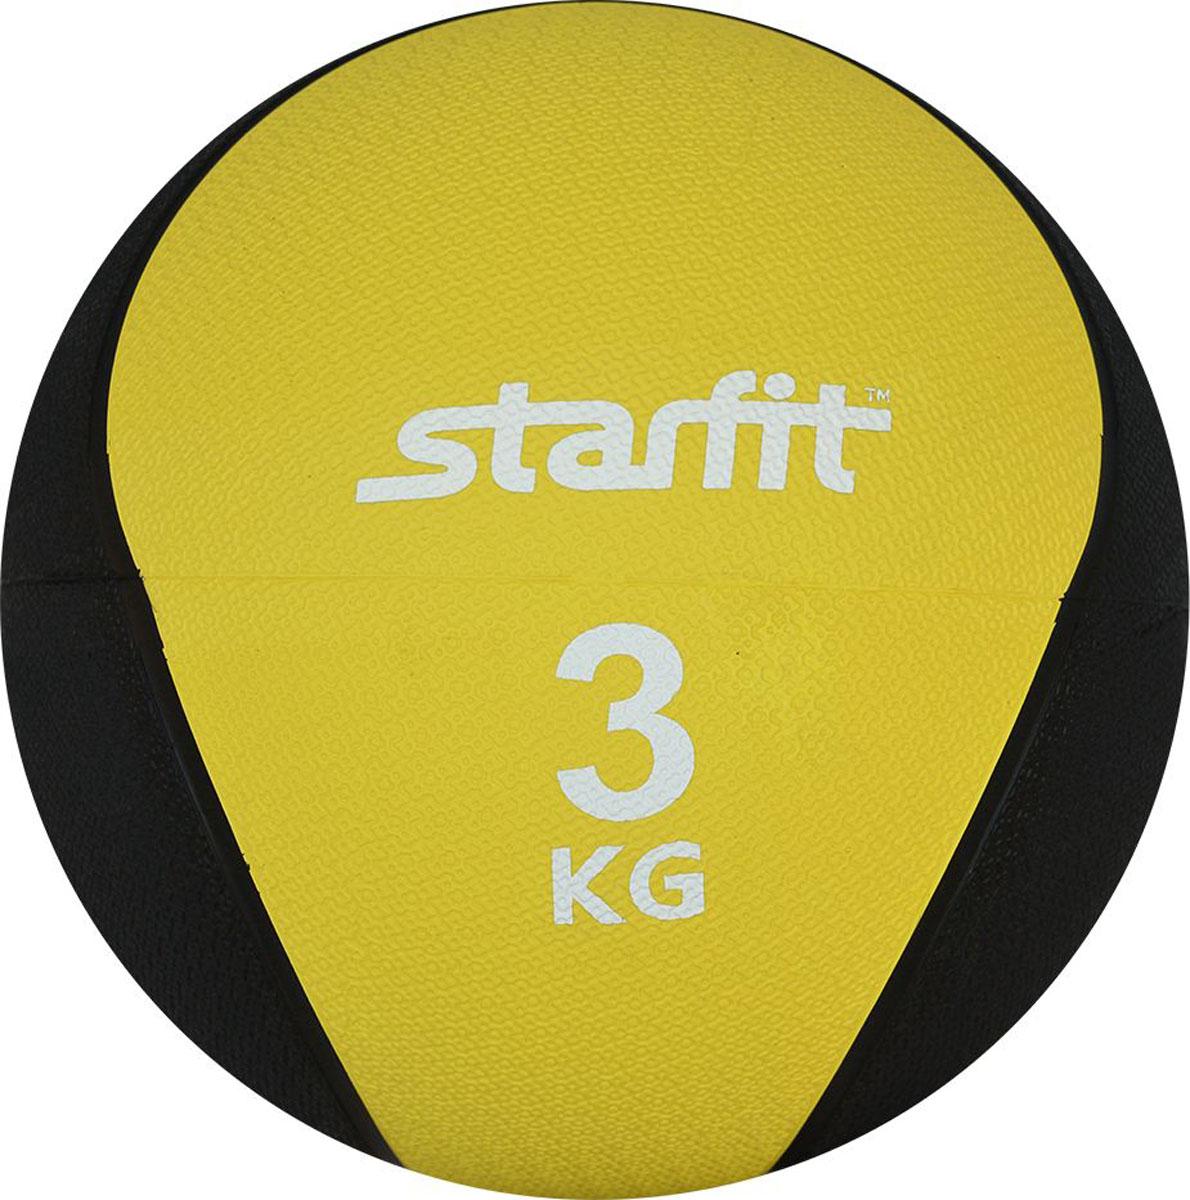 """Медицинбол Starfit """"Pro GB-702"""", цвет: желтый, 3 кг"""